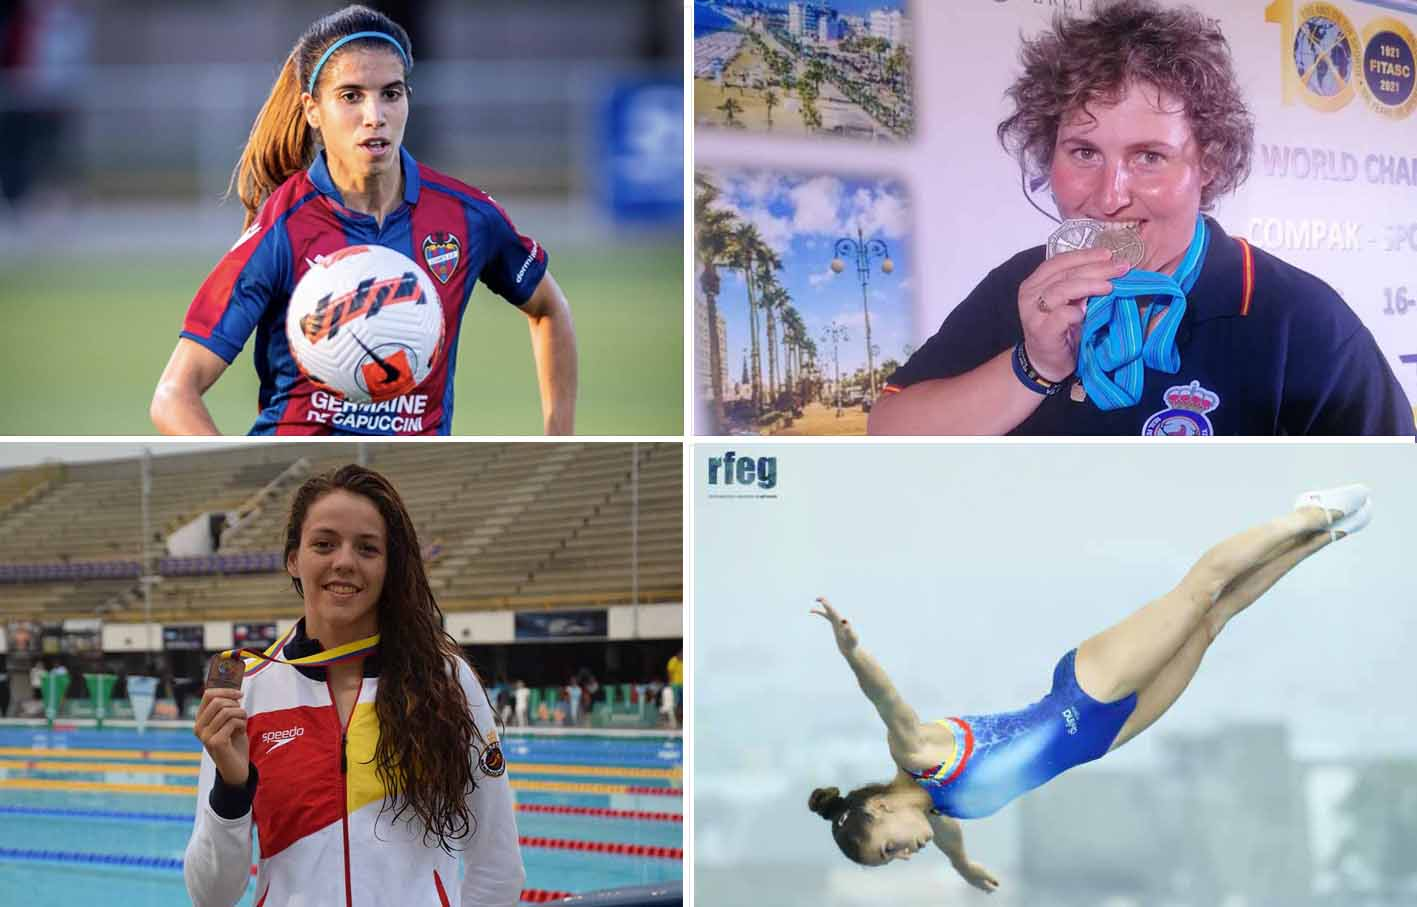 De izquierda a derecha y de arriba a abajo: Alba Redondo, Beatriz Laparra, Nerea Ibáñez y Noemí Romero